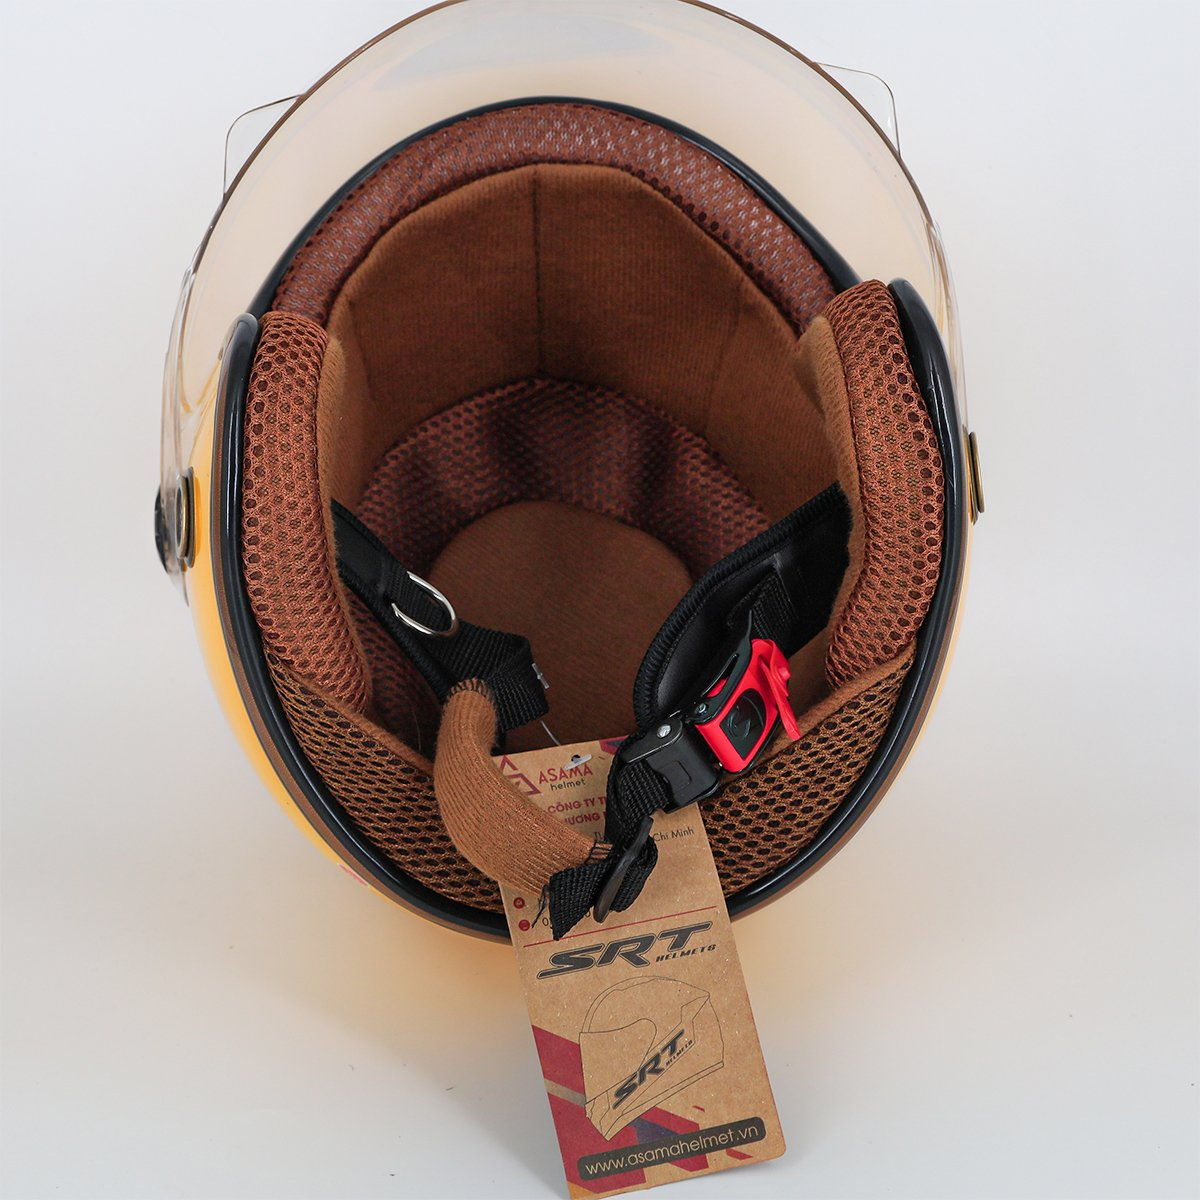 Mũ bảo hiểm 3/4 SRT 368K viền đồng lót nâu cao cấp có thông gió - kính càng - Vàng dành cho người đi phượt